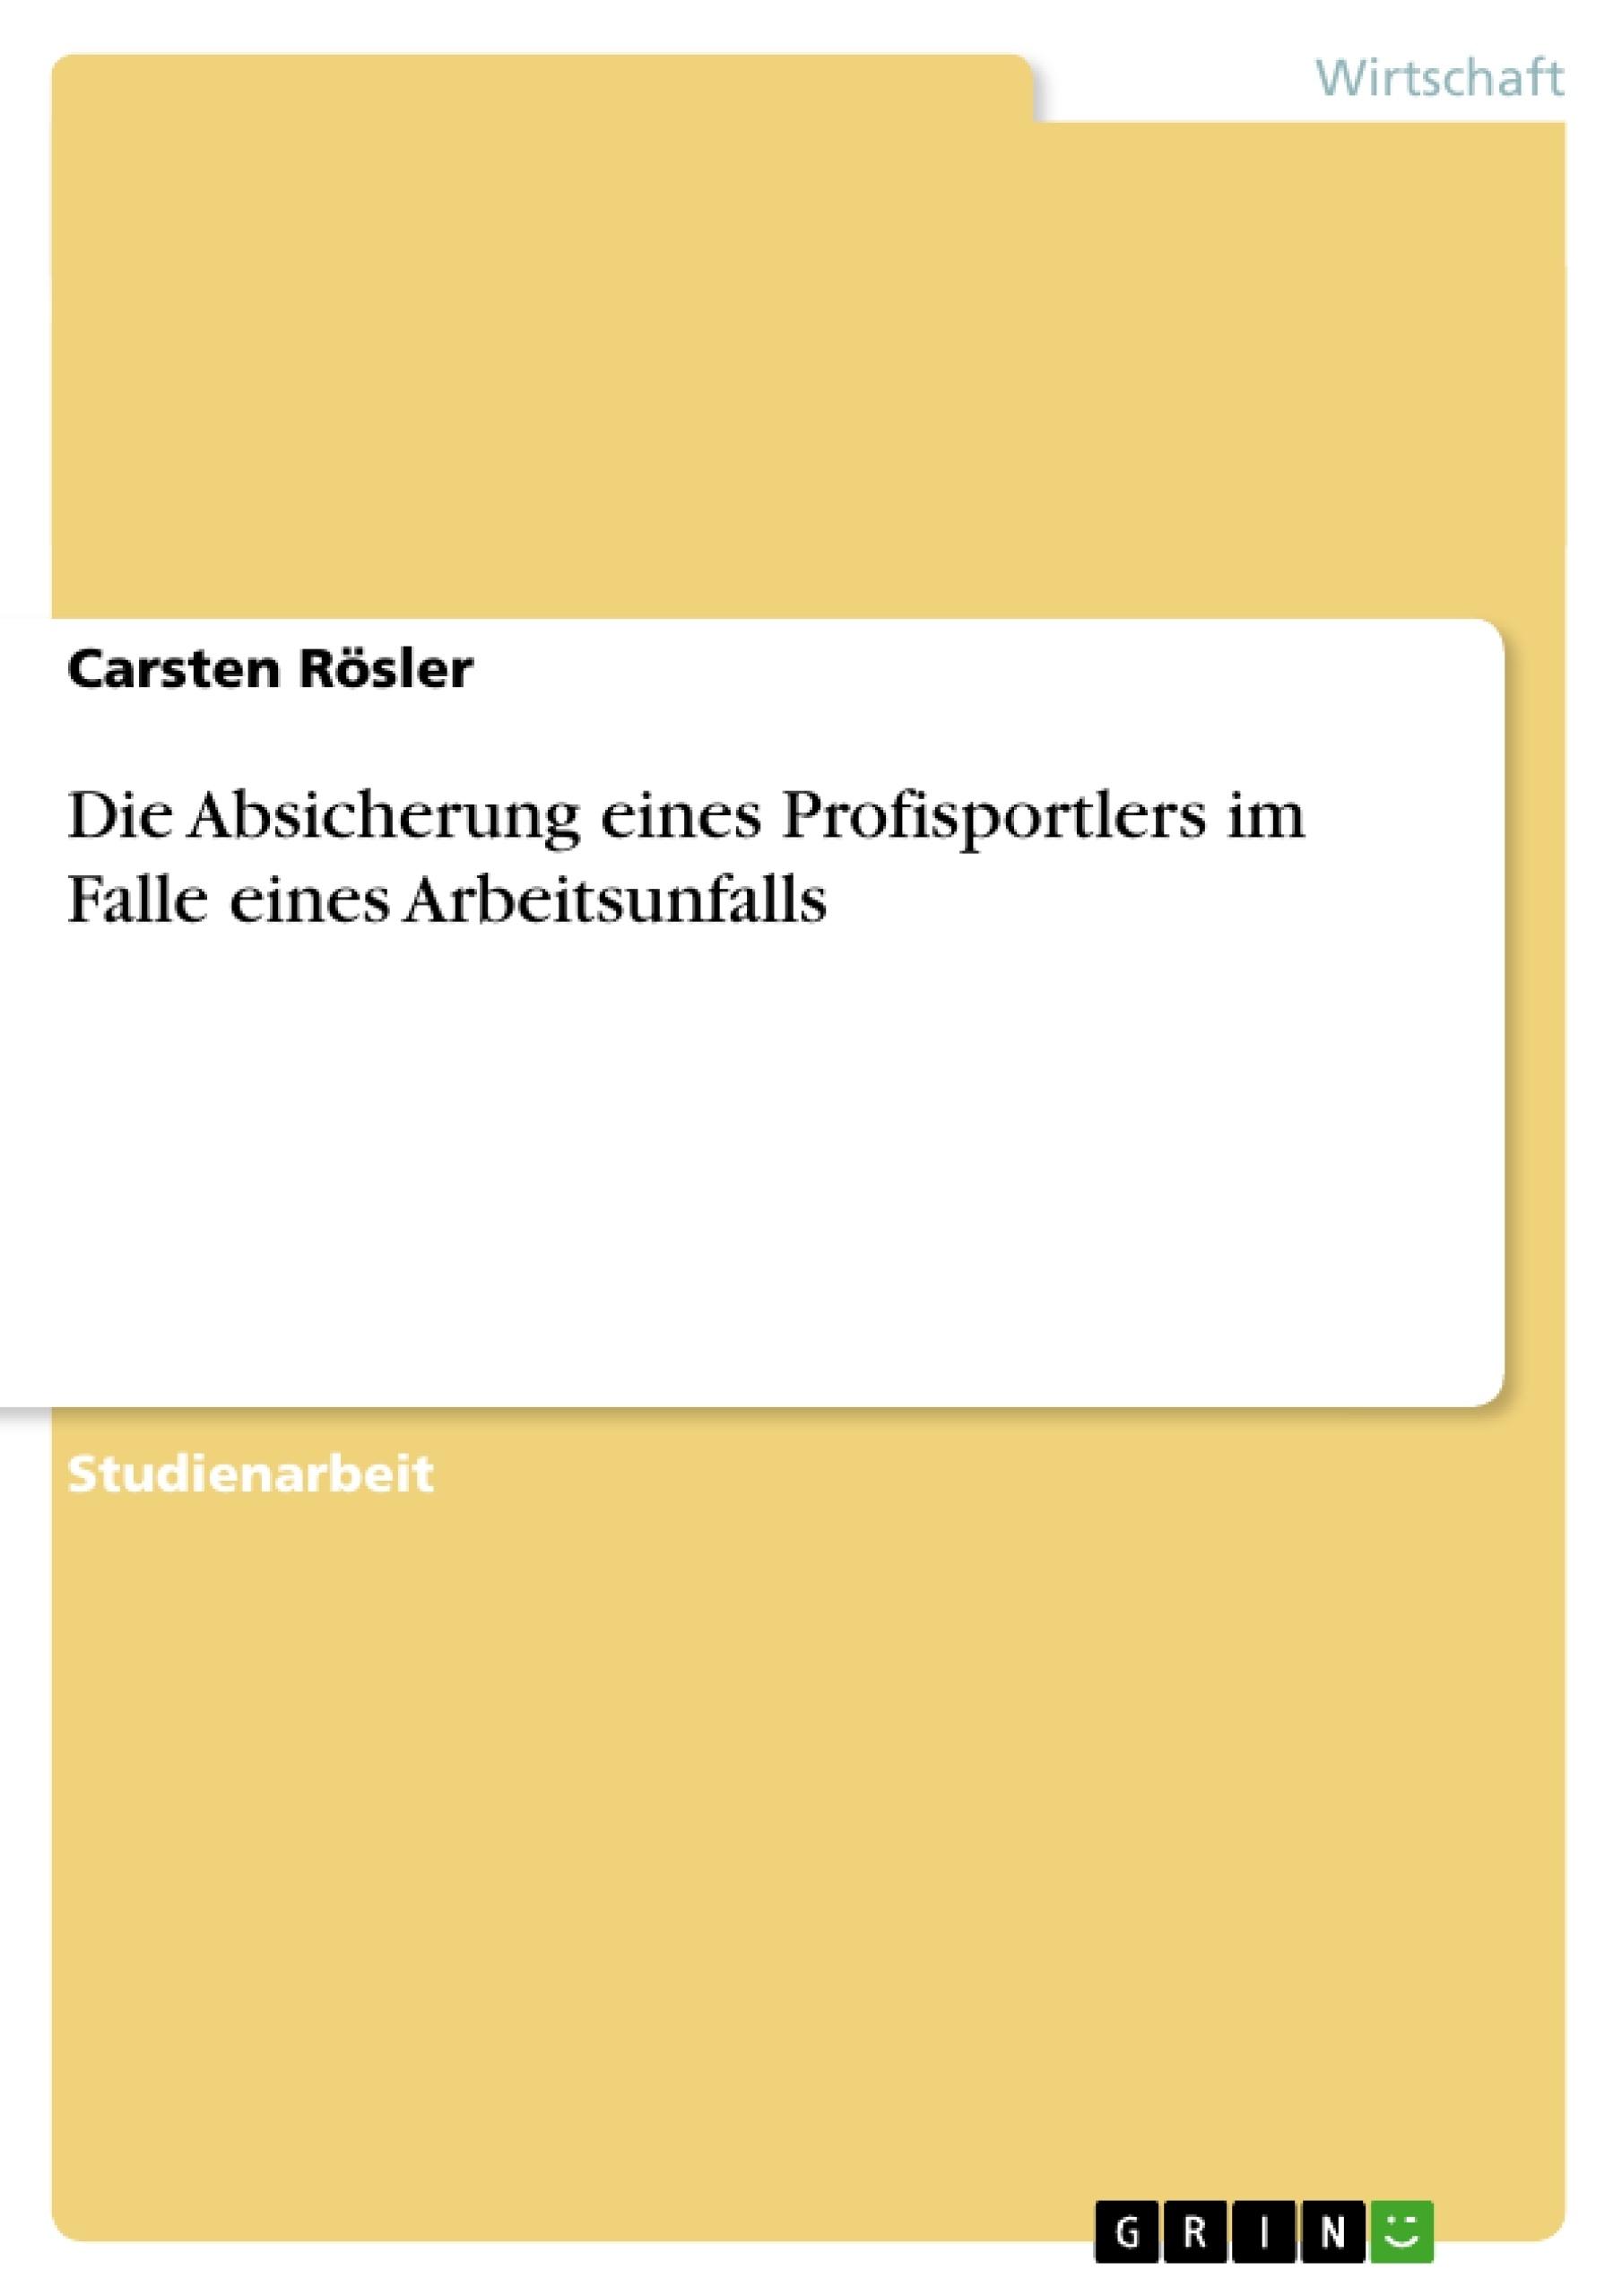 Titel: Die Absicherung eines Profisportlers im Falle eines Arbeitsunfalls